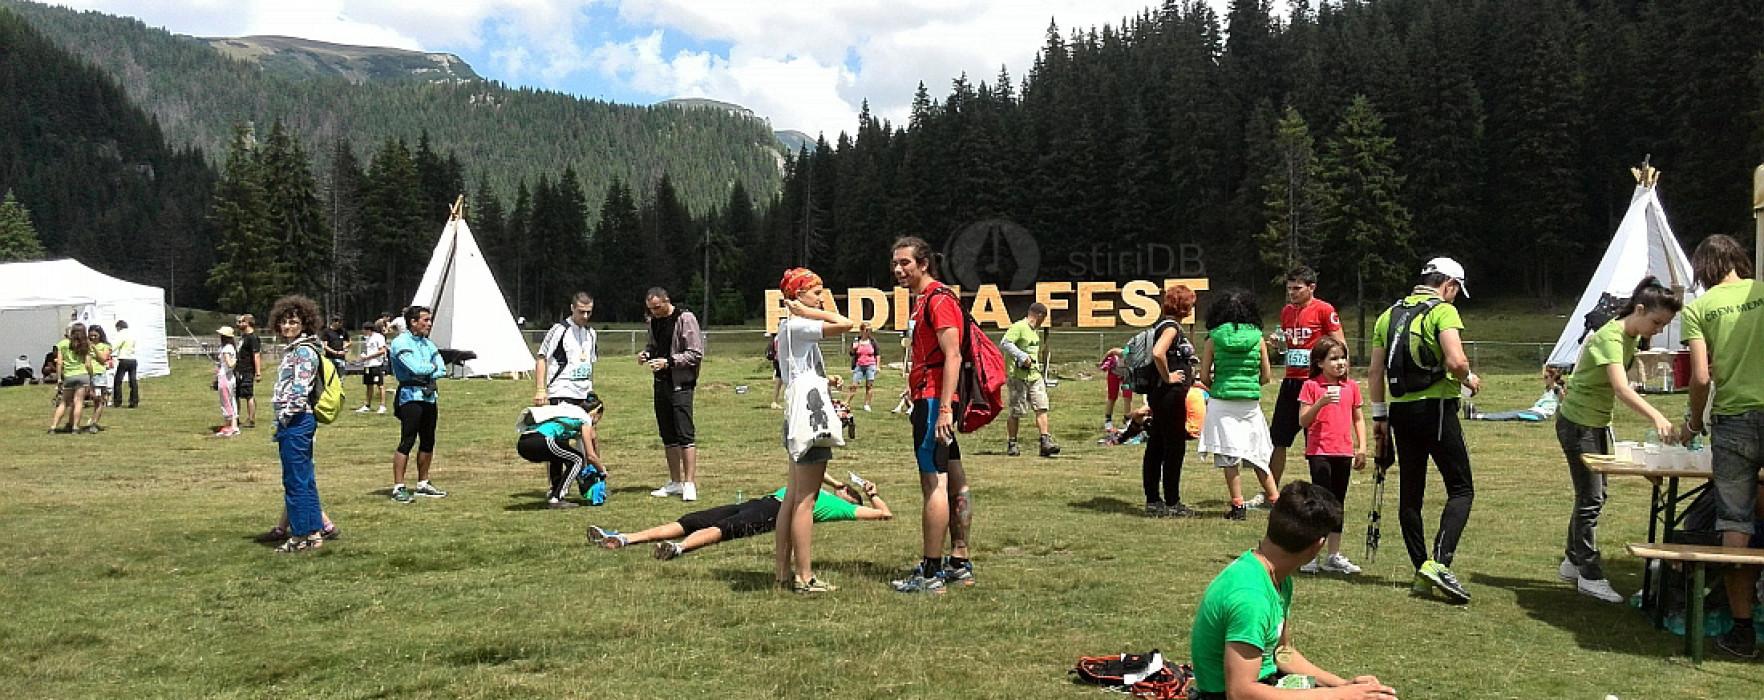 Mii de participanţi la Padina Fest